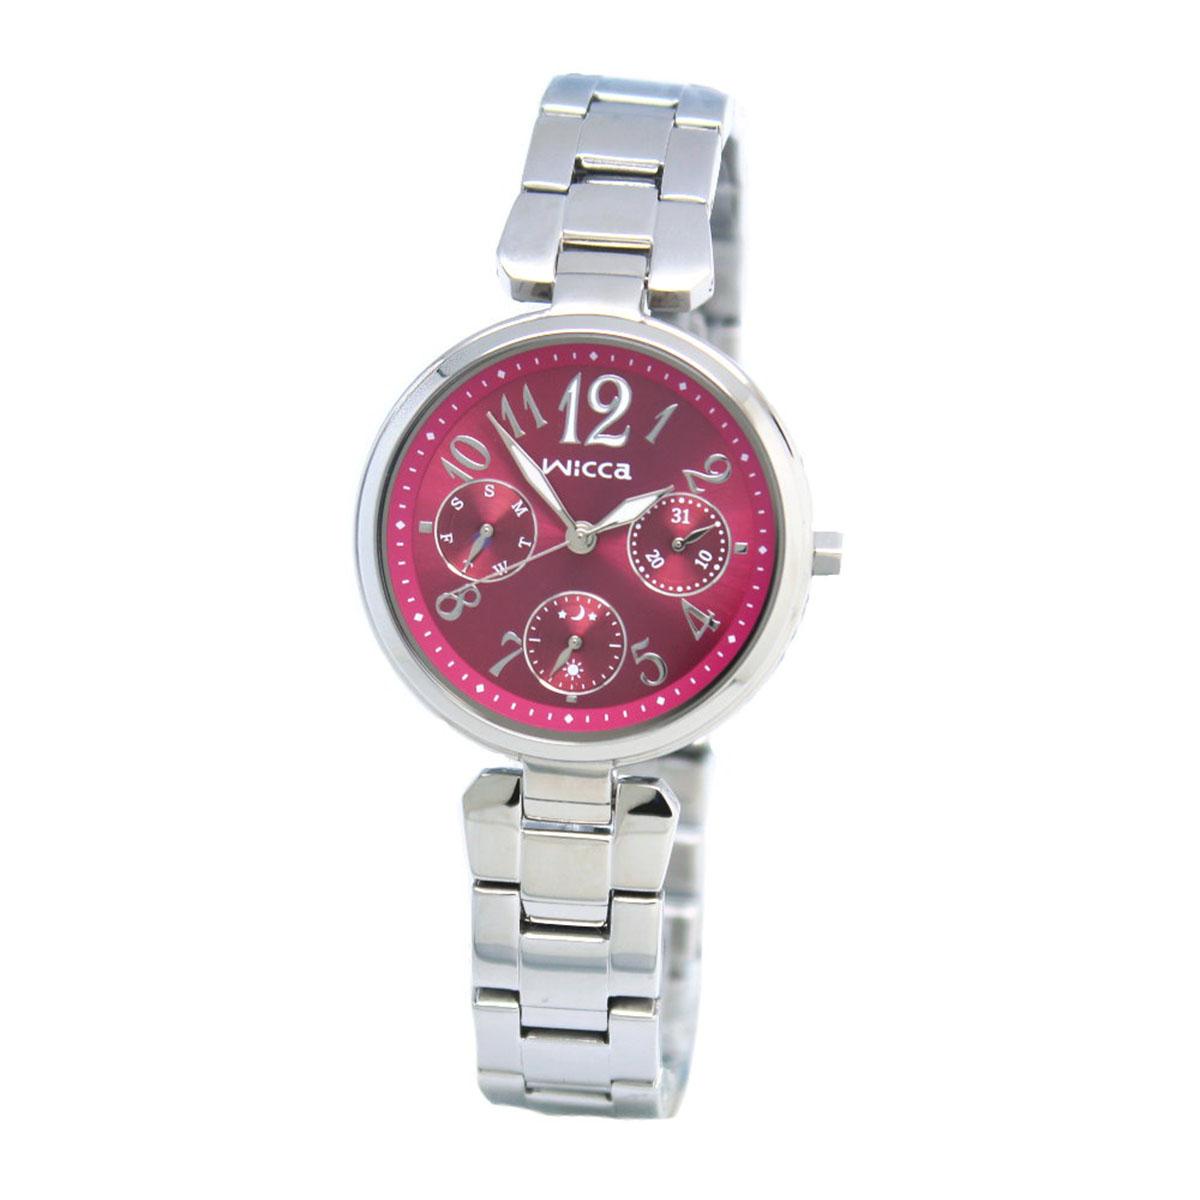 นาฬิกาผู้หญิง Citizen รุ่น BH7-415-93, Analog Dress QUARTZ Silver JAPAN Watch